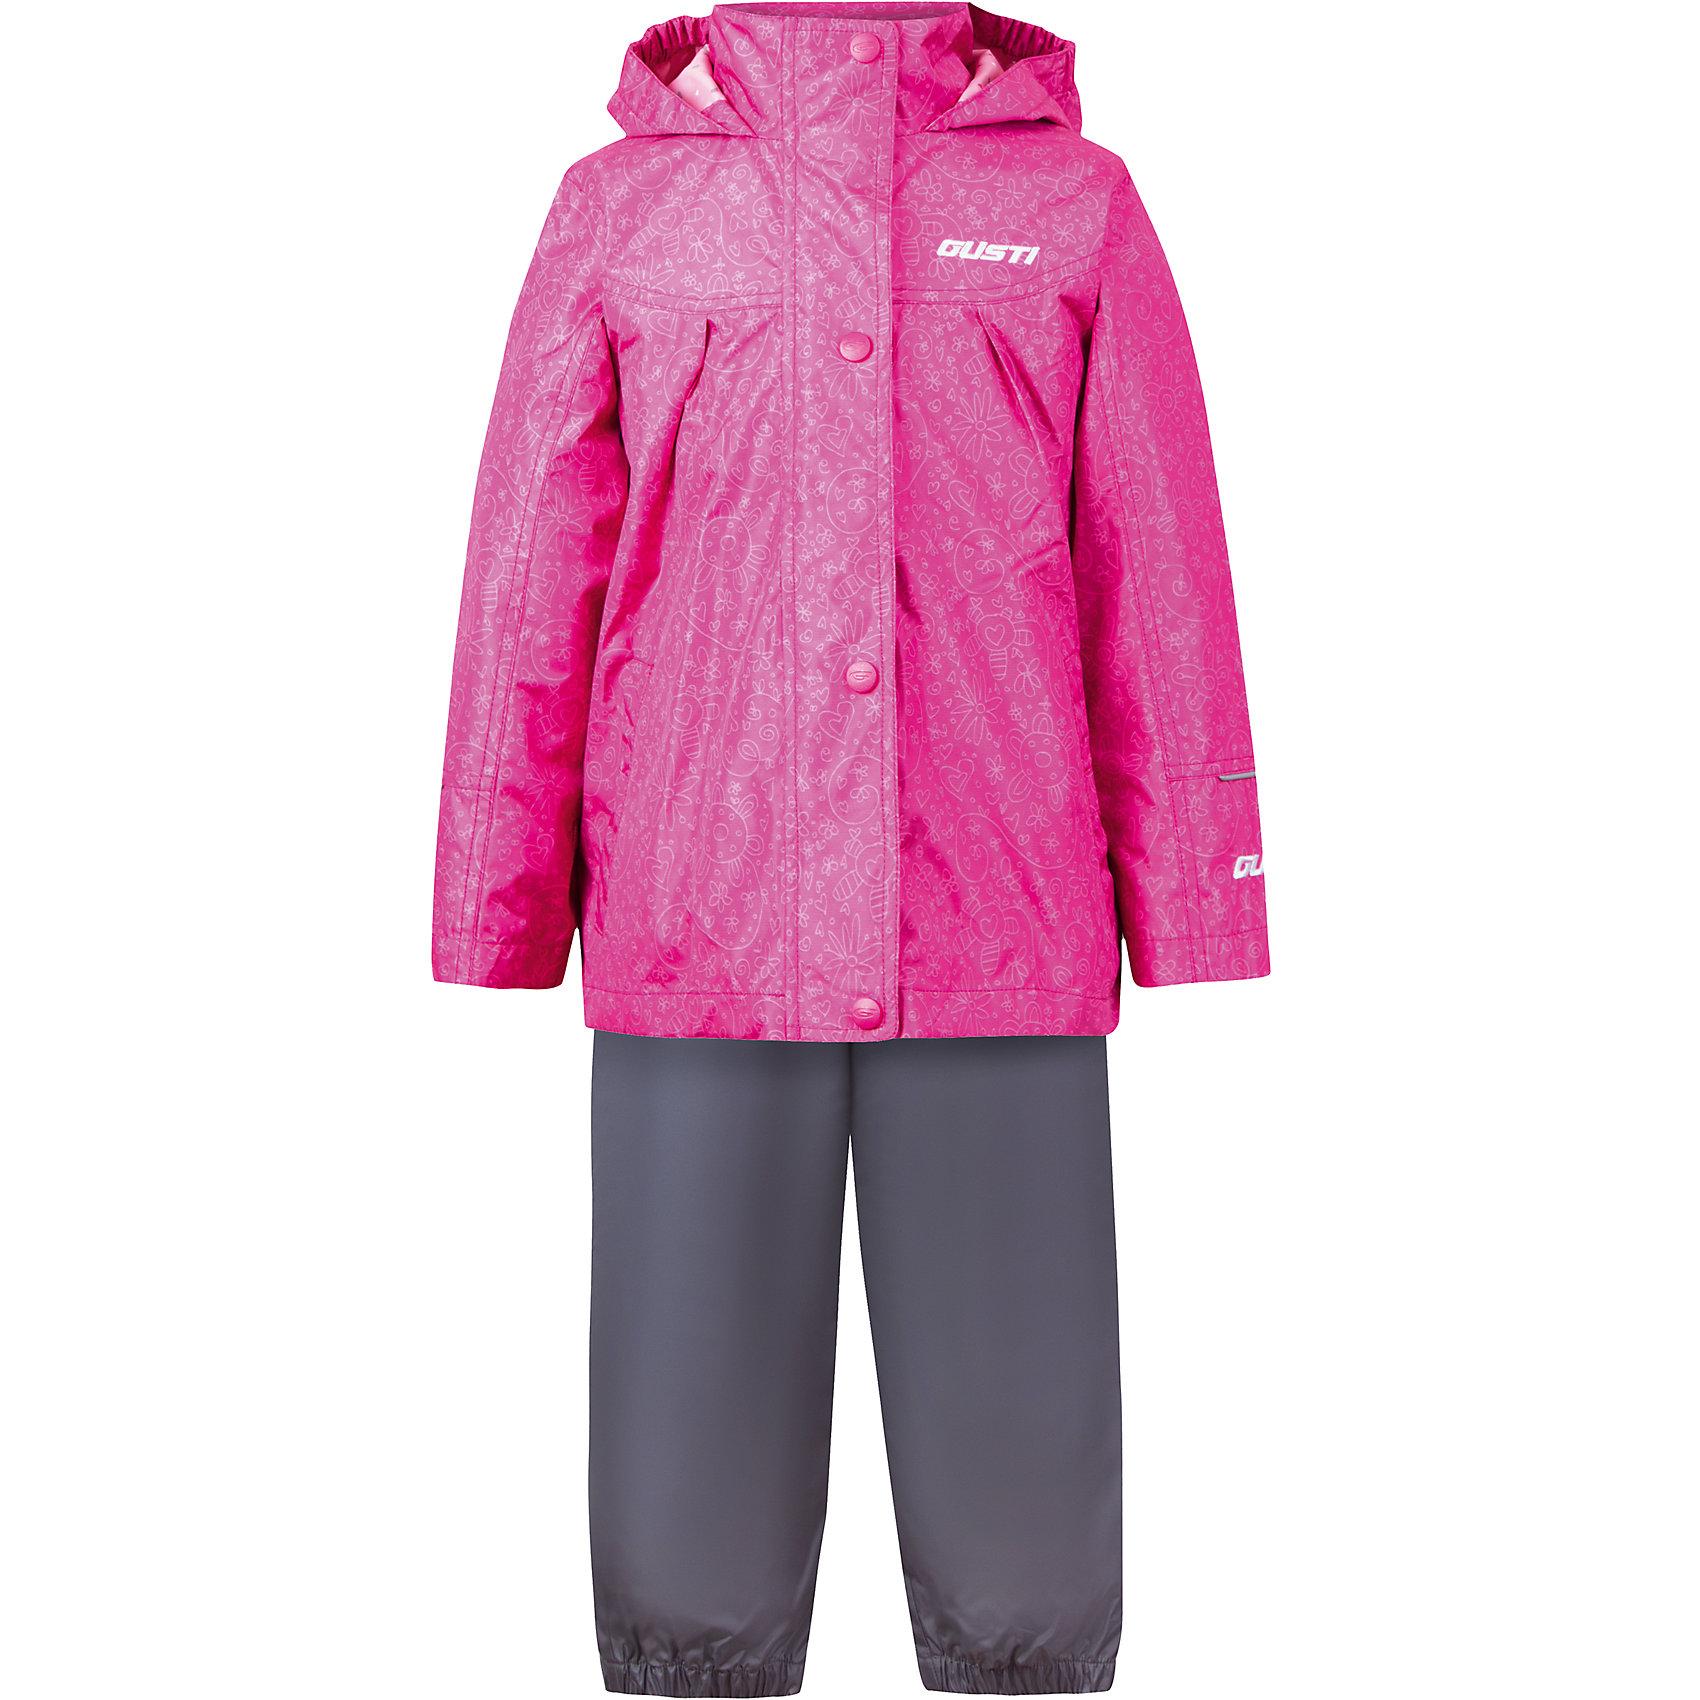 Комплект: куртка, толстовка и брюки для девочки GustiВерхняя одежда<br>Характеристики товара:<br><br>• цвет: розовый<br>• состав: 100% полиэстер, подкладка, утеплитель - 100% полиэстер<br>• комплектация: куртка, съемная флисовая подкладка, брюки<br>• температурный режим: от +5° С до +15° С<br>• водонепроницаемый материал<br>• капюшон<br>• карманы<br>• съемные подтяжки<br>• брючины эластичные<br>• комфортная посадка<br>• светоотражающие элементы<br>• молния<br>• утеплитель: синтепон<br>• демисезонный<br>• страна бренда: Канада<br><br>Этот демисезонный комплект из куртки, пристегивающейся к ней толстовки из флиса, и штанов поможет обеспечить ребенку комфорт и тепло. Предметы удобно садятся по фигуре, отлично смотрятся с различной обувью. Комплект очень модно выглядит, он хорошо защищает от ветра и влаги. Материал отлично подходит для дождливой погоды. Стильный дизайн разрабатывался специально для детей.<br><br>Комплект: куртка, толстовка и брюки для девочки от известного бренда Gusti (Густи) можно купить в нашем интернет-магазине.<br><br>Ширина мм: 356<br>Глубина мм: 10<br>Высота мм: 245<br>Вес г: 519<br>Цвет: розовый<br>Возраст от месяцев: 12<br>Возраст до месяцев: 18<br>Пол: Женский<br>Возраст: Детский<br>Размер: 86,90,92,104,110,116,100,120,98,80<br>SKU: 5452500